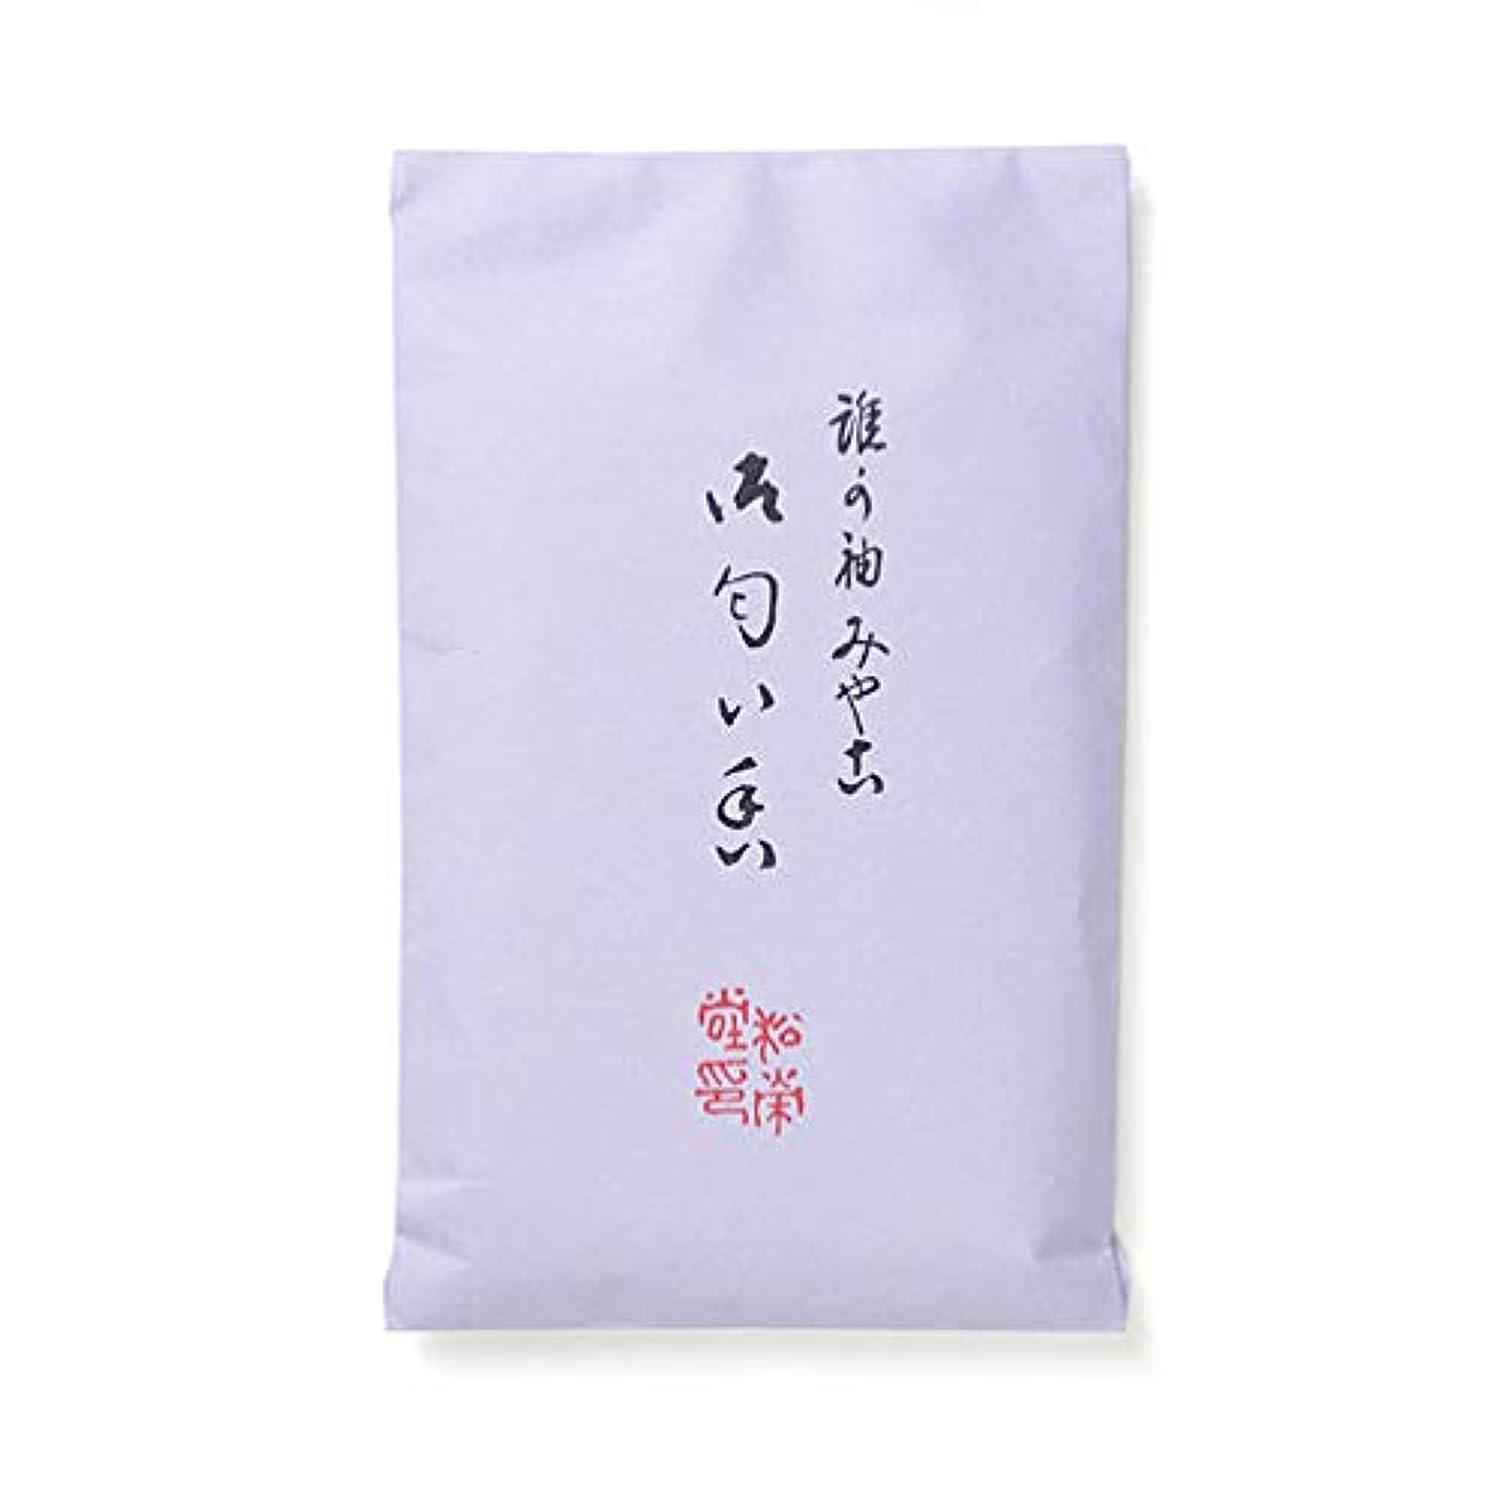 おいしい重要な役割を果たす、中心的な手段となる予報松栄堂 誰が袖 みやこ 匂い香 50g袋入